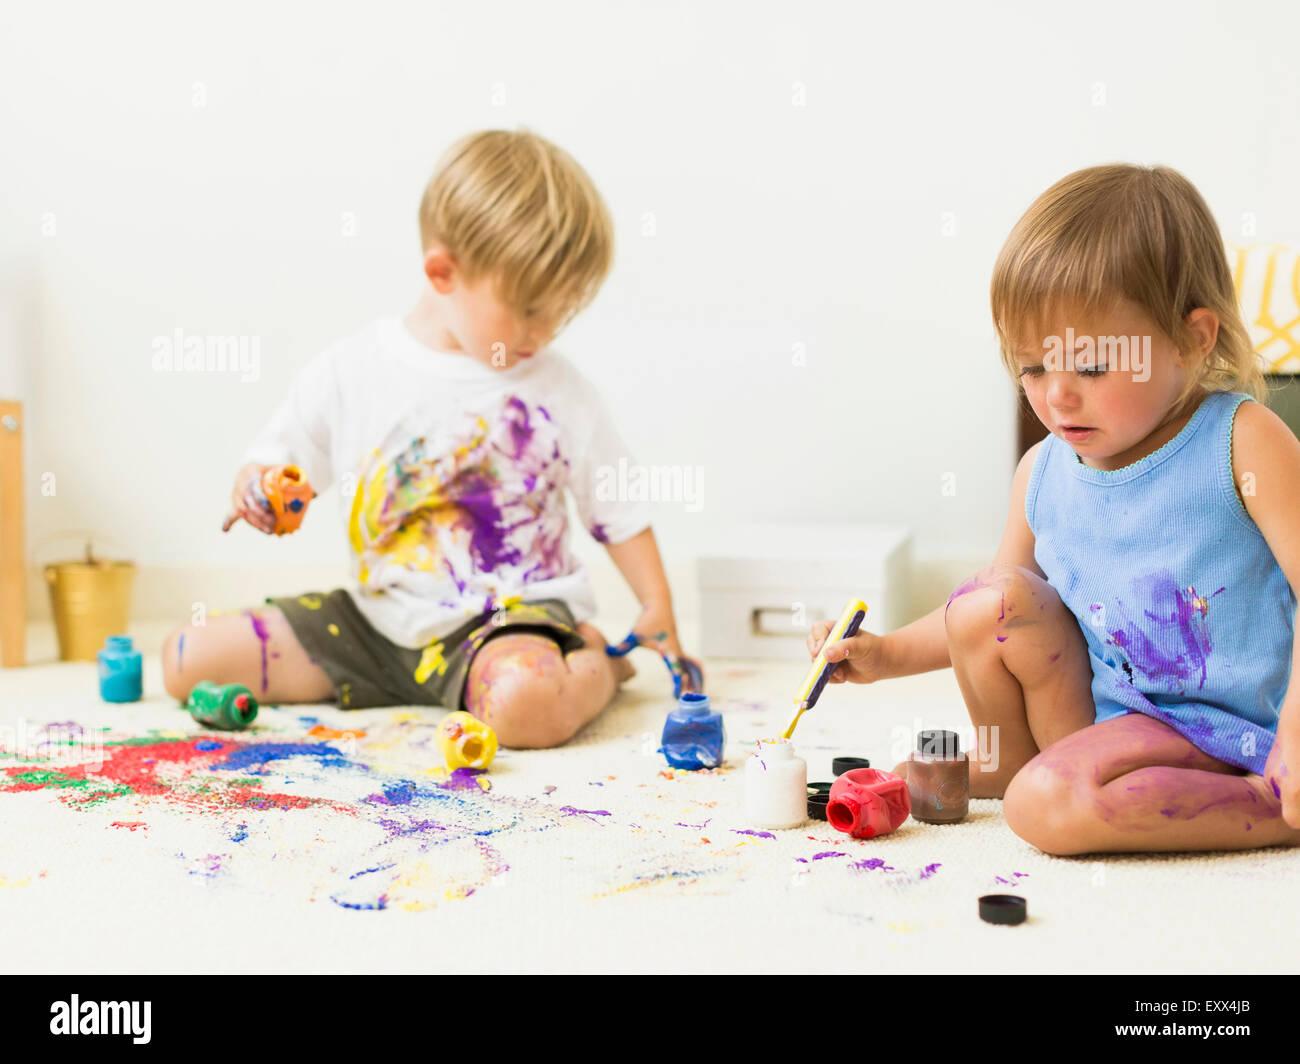 Kinder (2-3) Malerei auf Teppich Stockbild